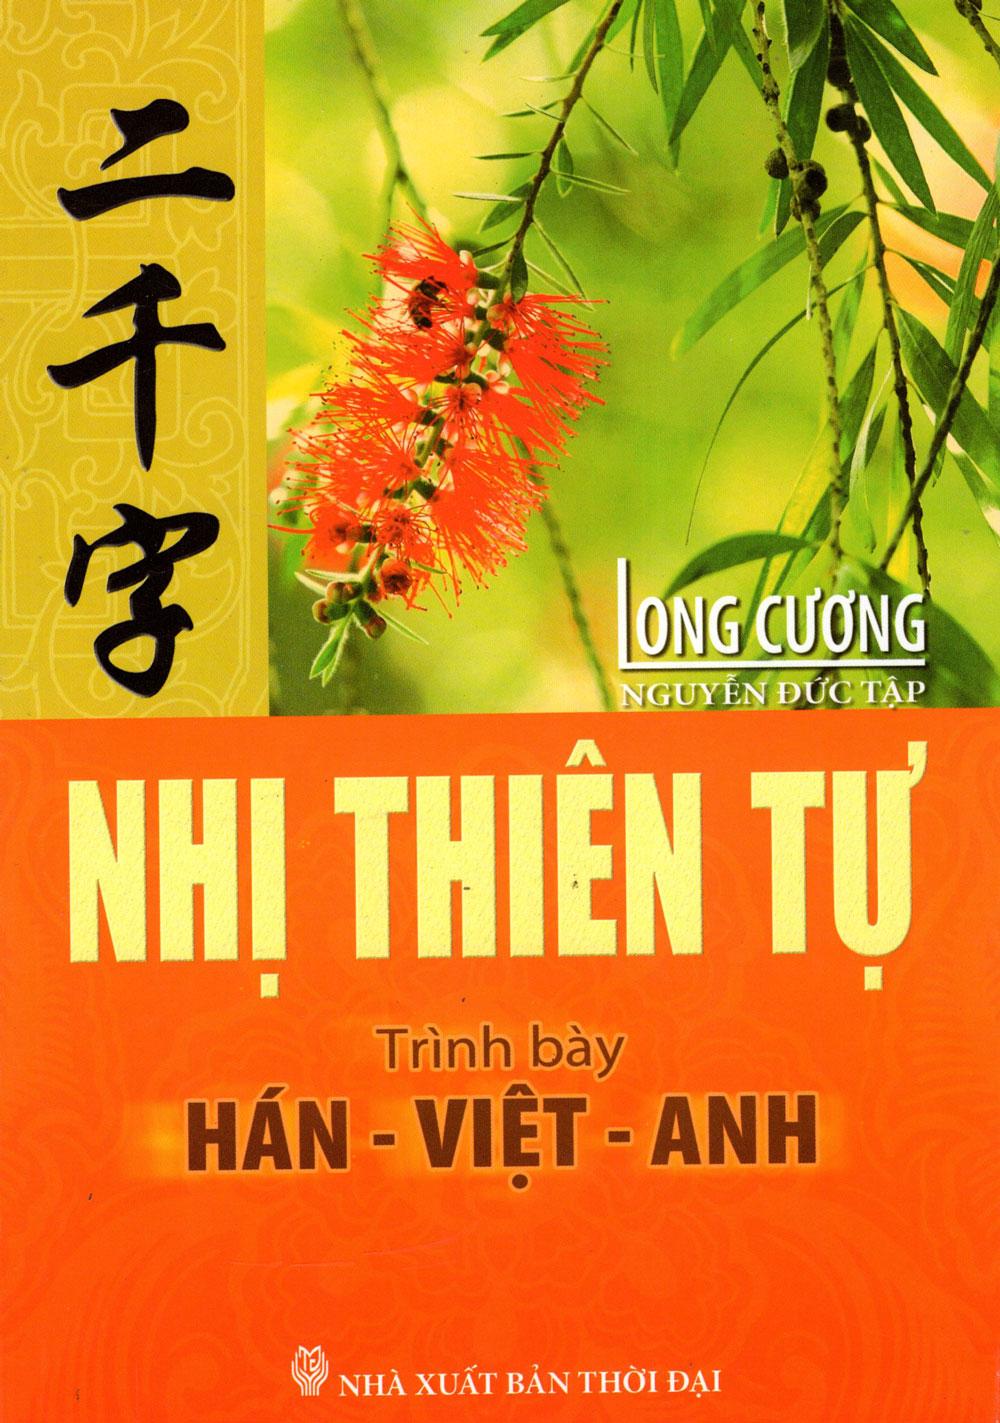 Bìa sách Nhị Thiên Tự (Trình Bày Hán - Việt - Anh)